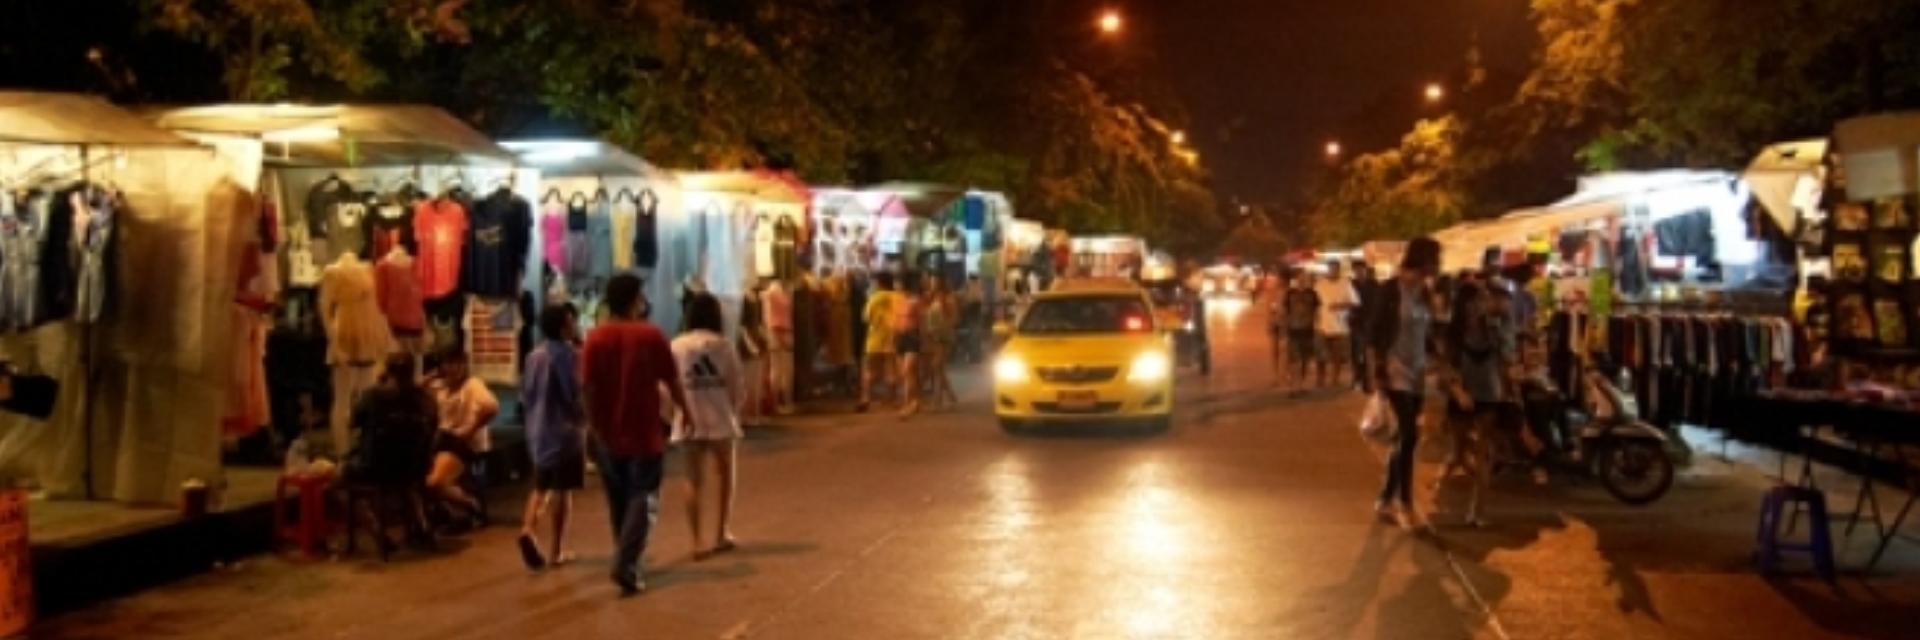 ตลาดกลางคืน สะพานพุทธ